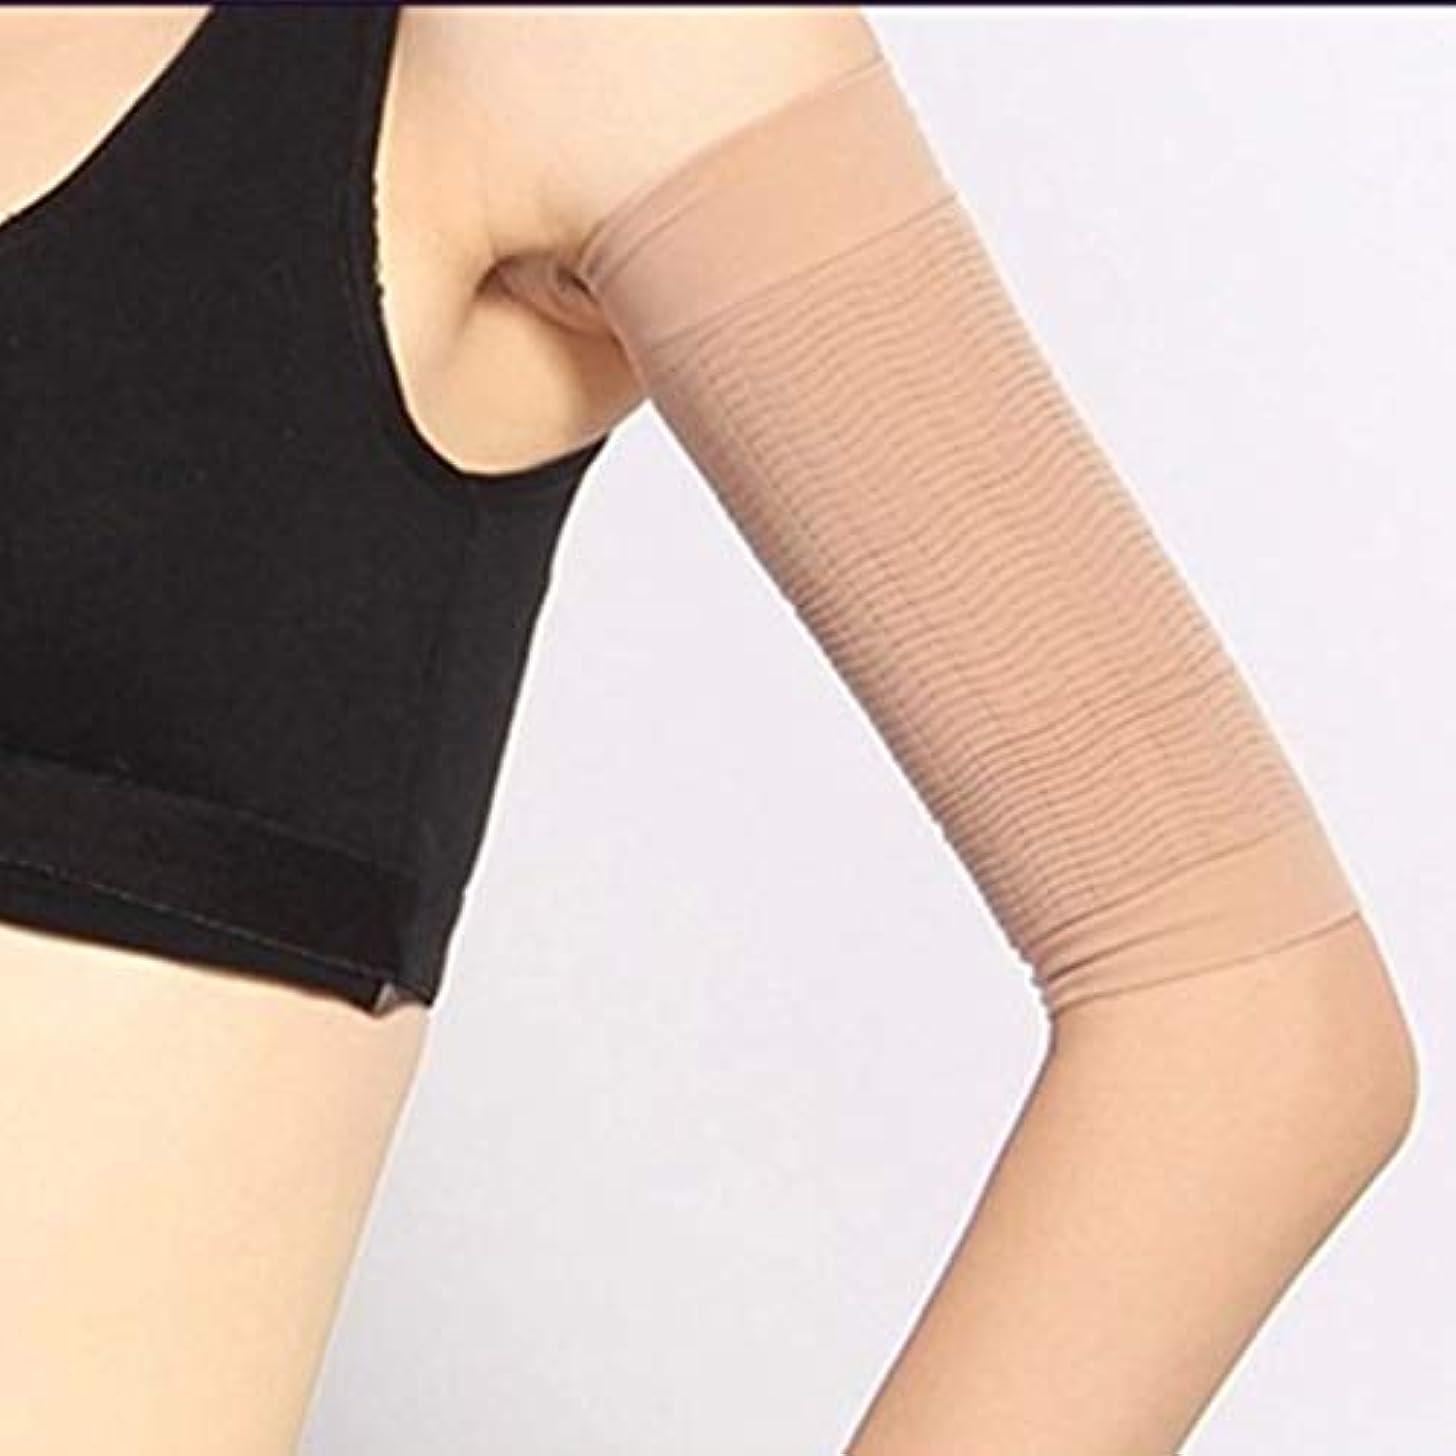 中断一時停止休憩1ペア420 D圧縮痩身アームスリーブワークアウトトーニングバーンセルライトシェイパー脂肪燃焼袖用女性 - 肌色